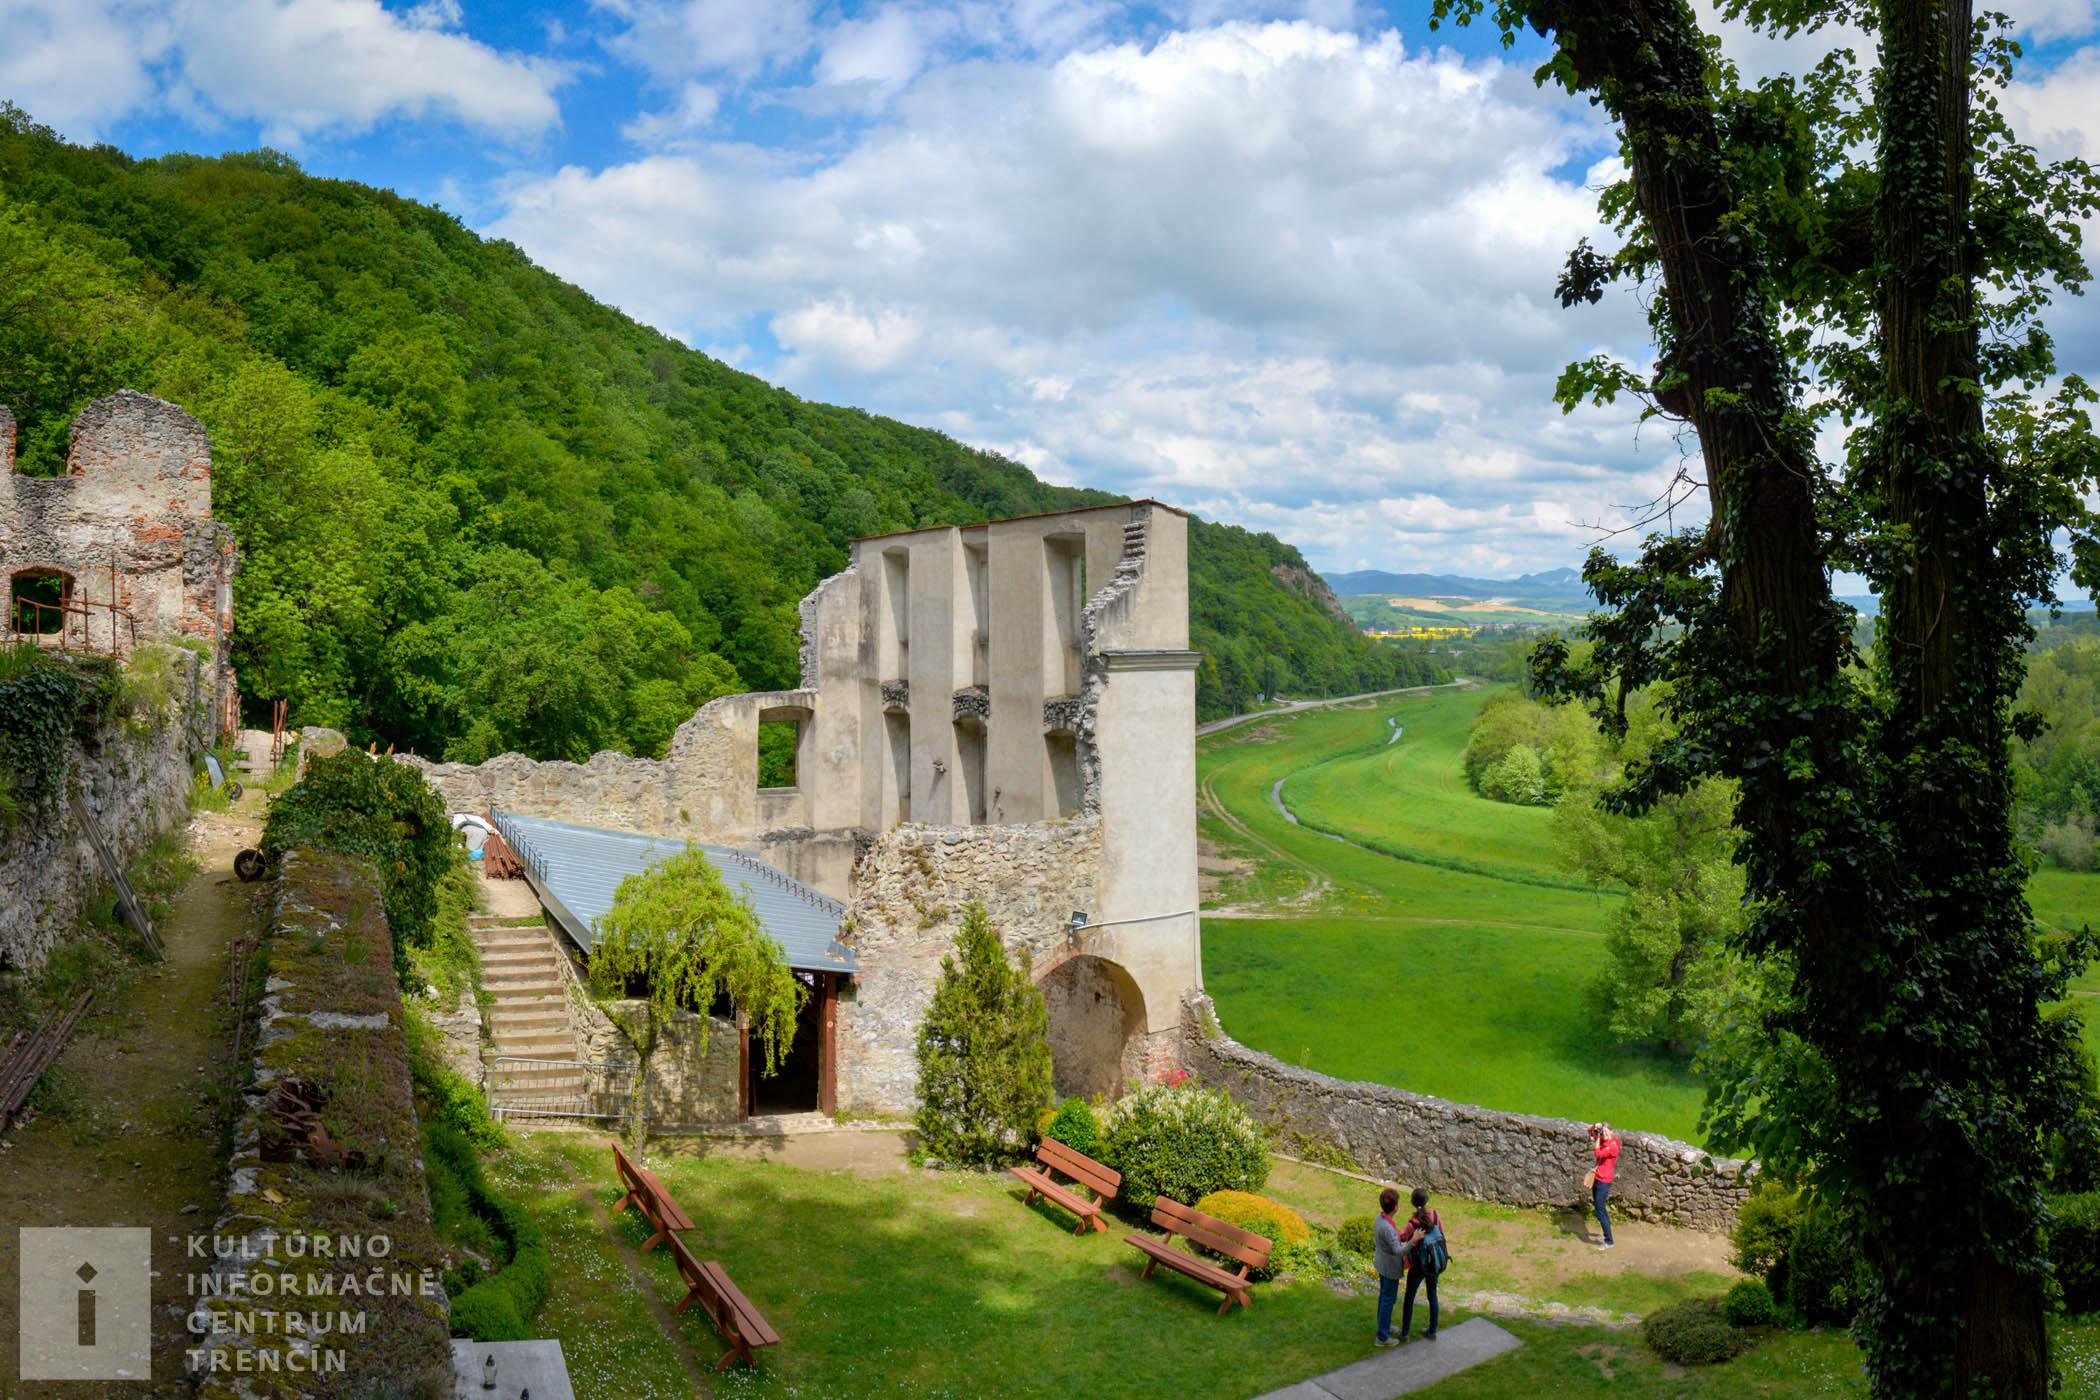 Pohľad do areálu kláštora na Veľkej Skalke/Monastery Veľká Skalka